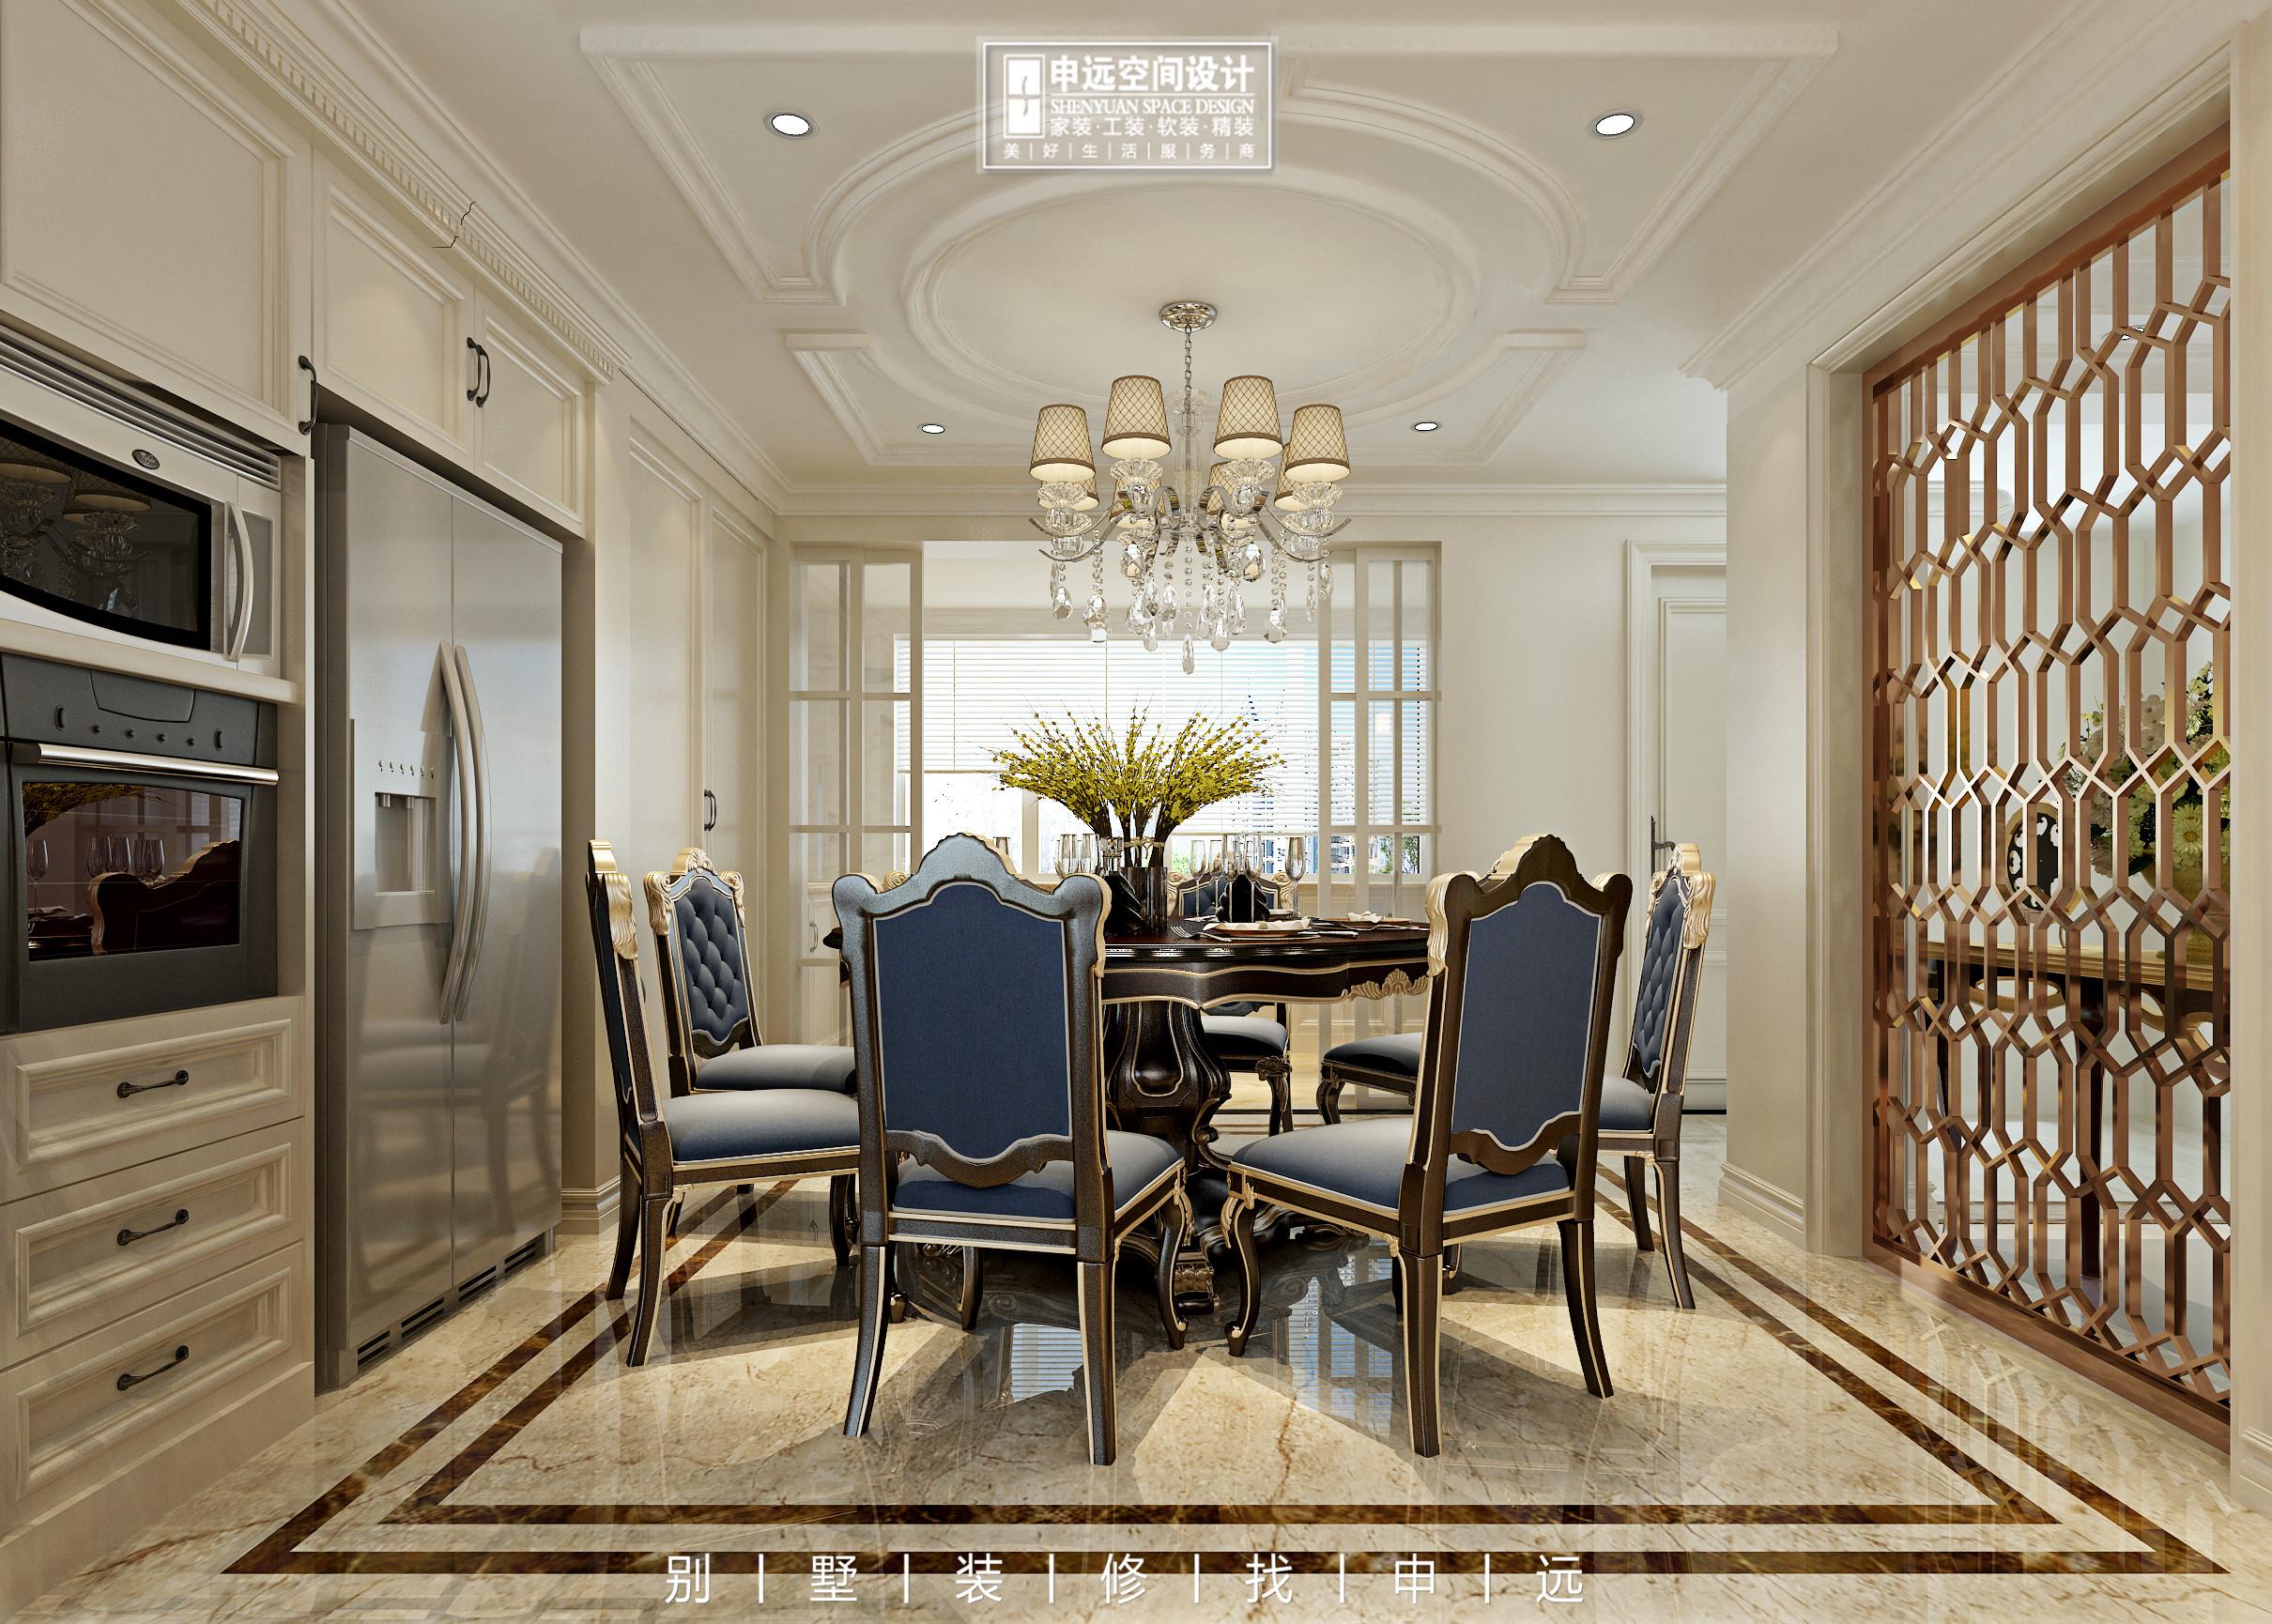 别墅装修 申远 北京申远 餐厅图片来自申远空间设计北京分公司在北京申远空间设计-别墅装修的分享